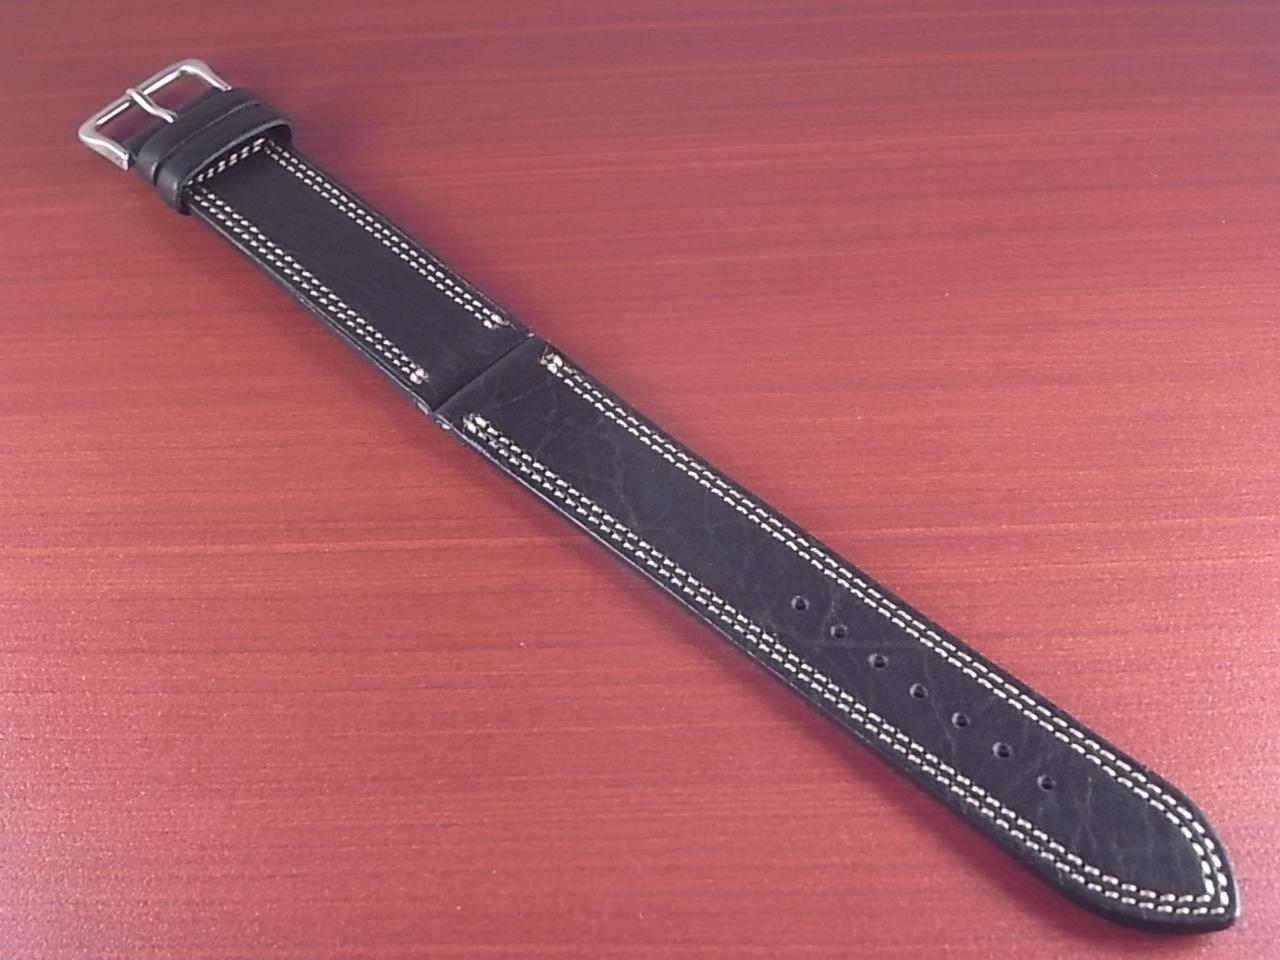 ホースハイド 革ベルト  Wステッチ ブラック 18、20mmのメイン写真